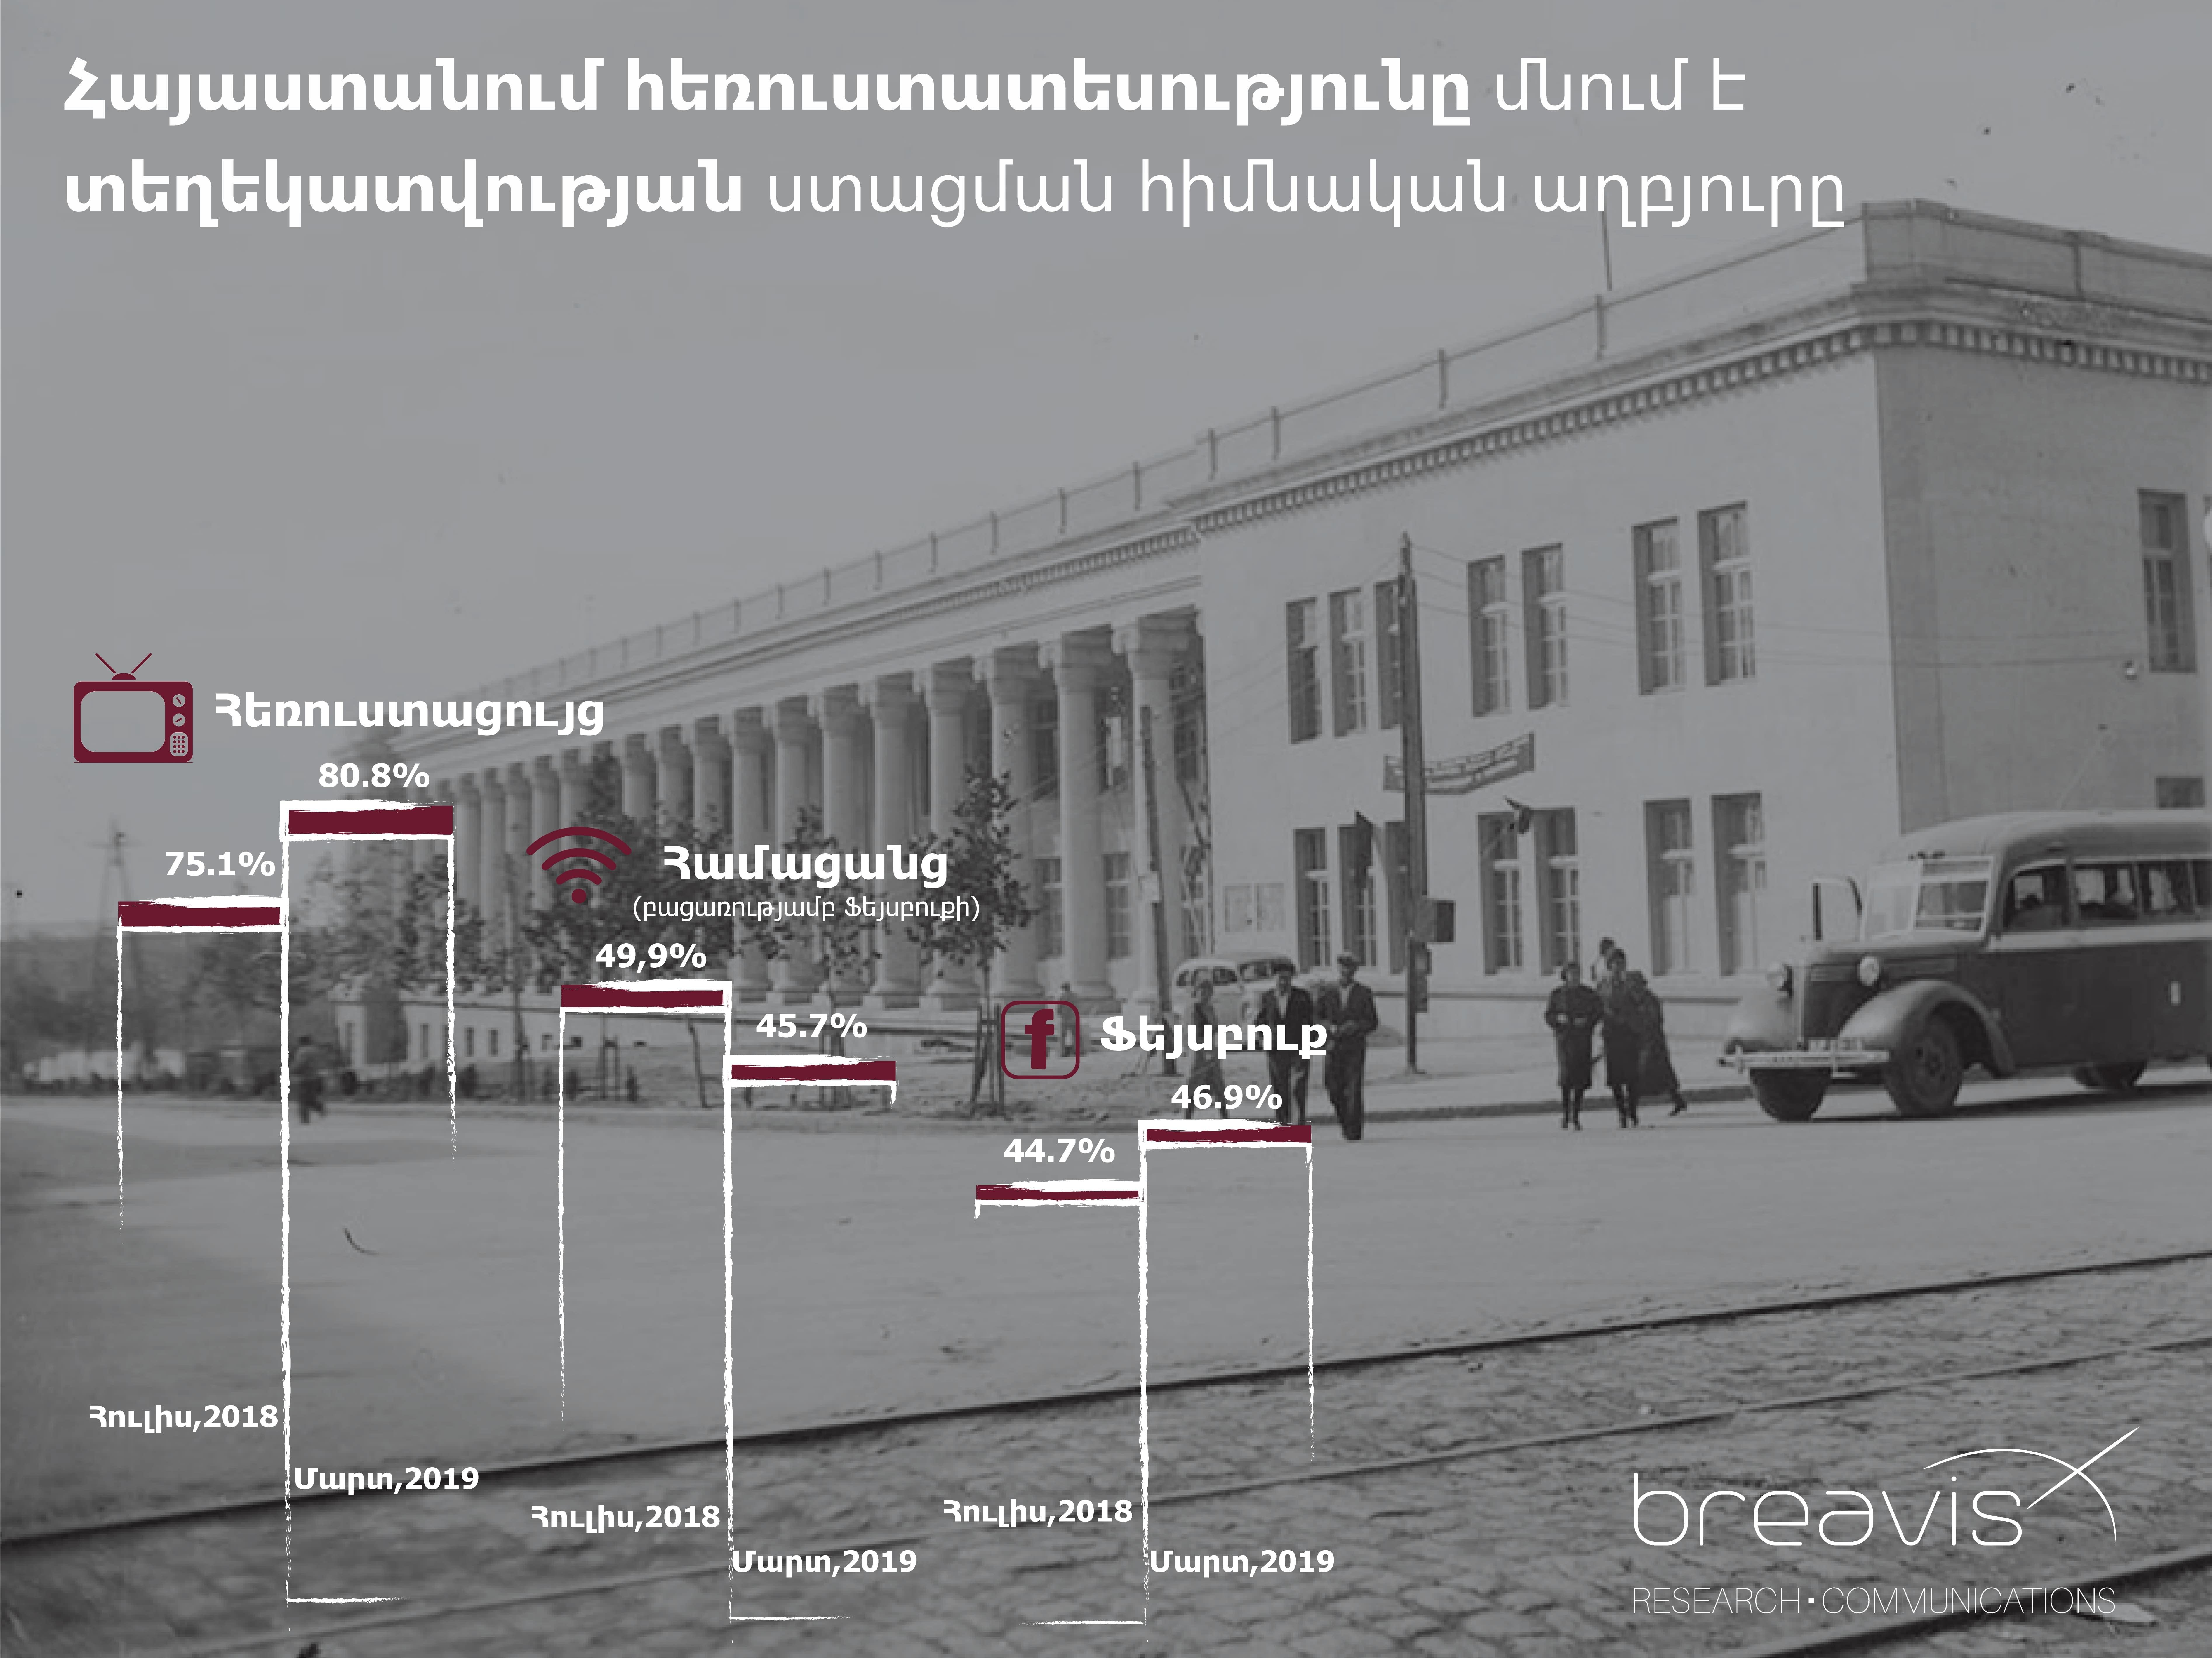 Հայաստանում հեռուստատեսությունը մնում է տեղեկությունների ստացման հիմնական աղբյուր